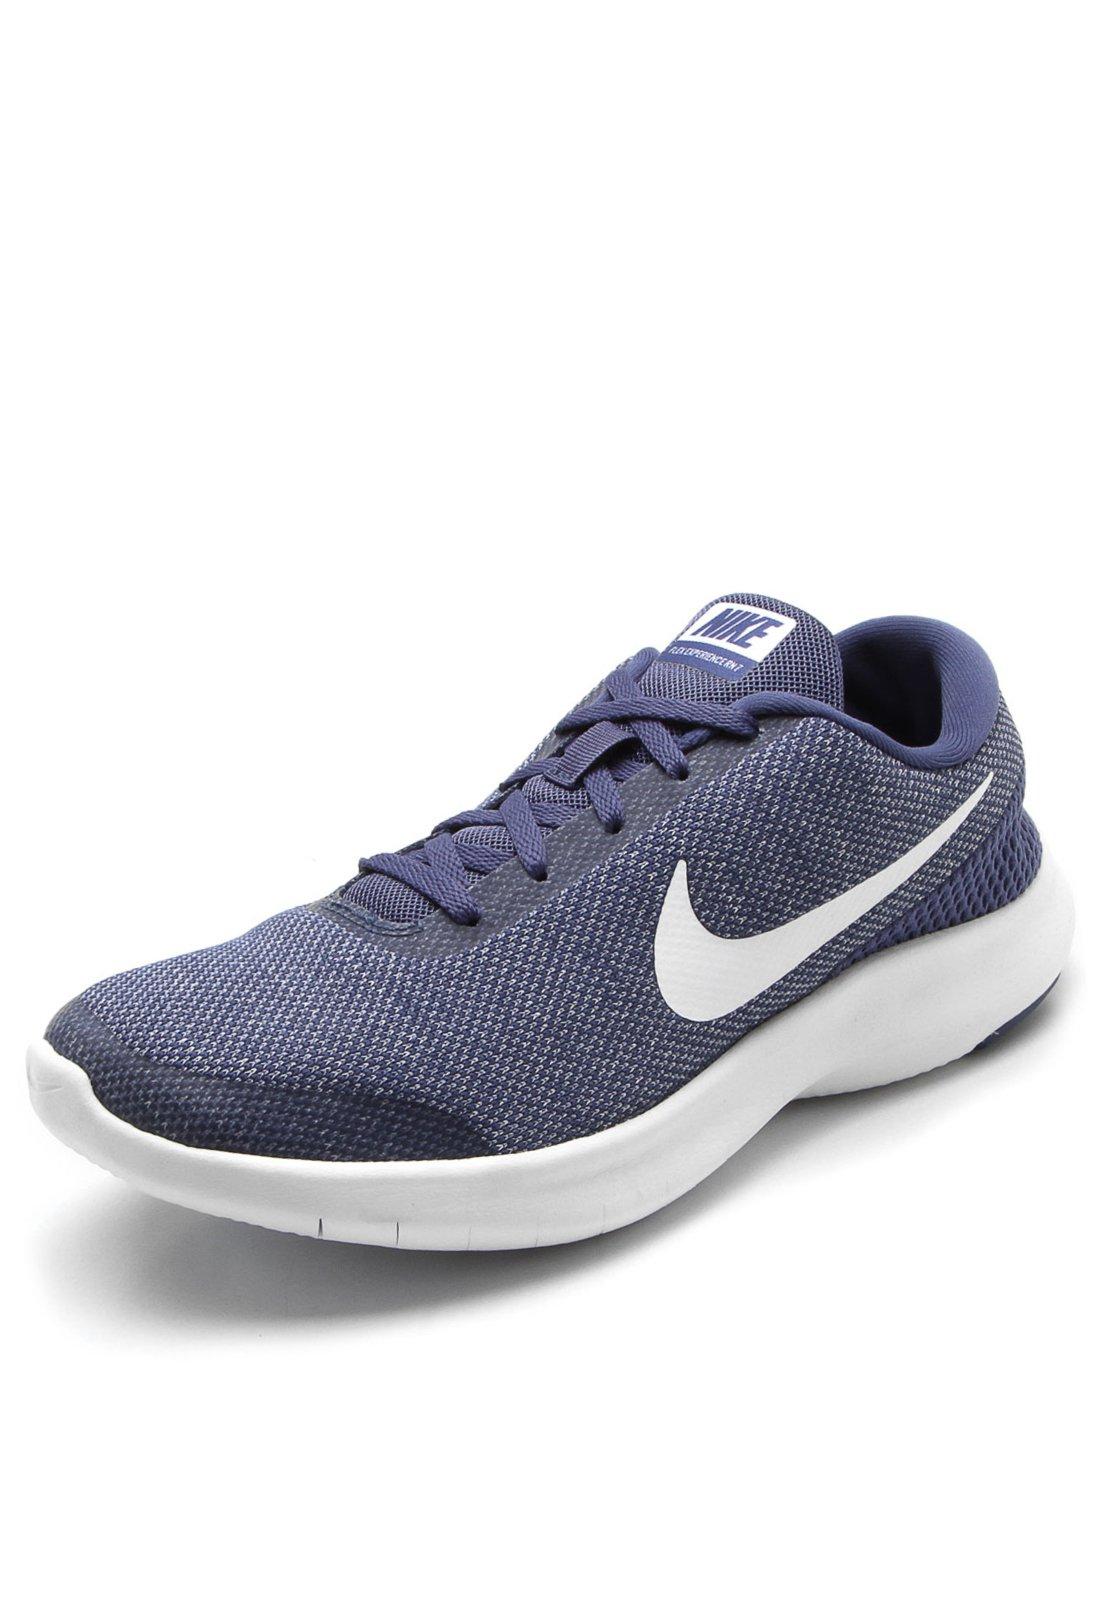 kiwi Comedia de enredo Reposición  Tênis Nike Revolution 4 Azul - Compre Agora   Kanui Brasil